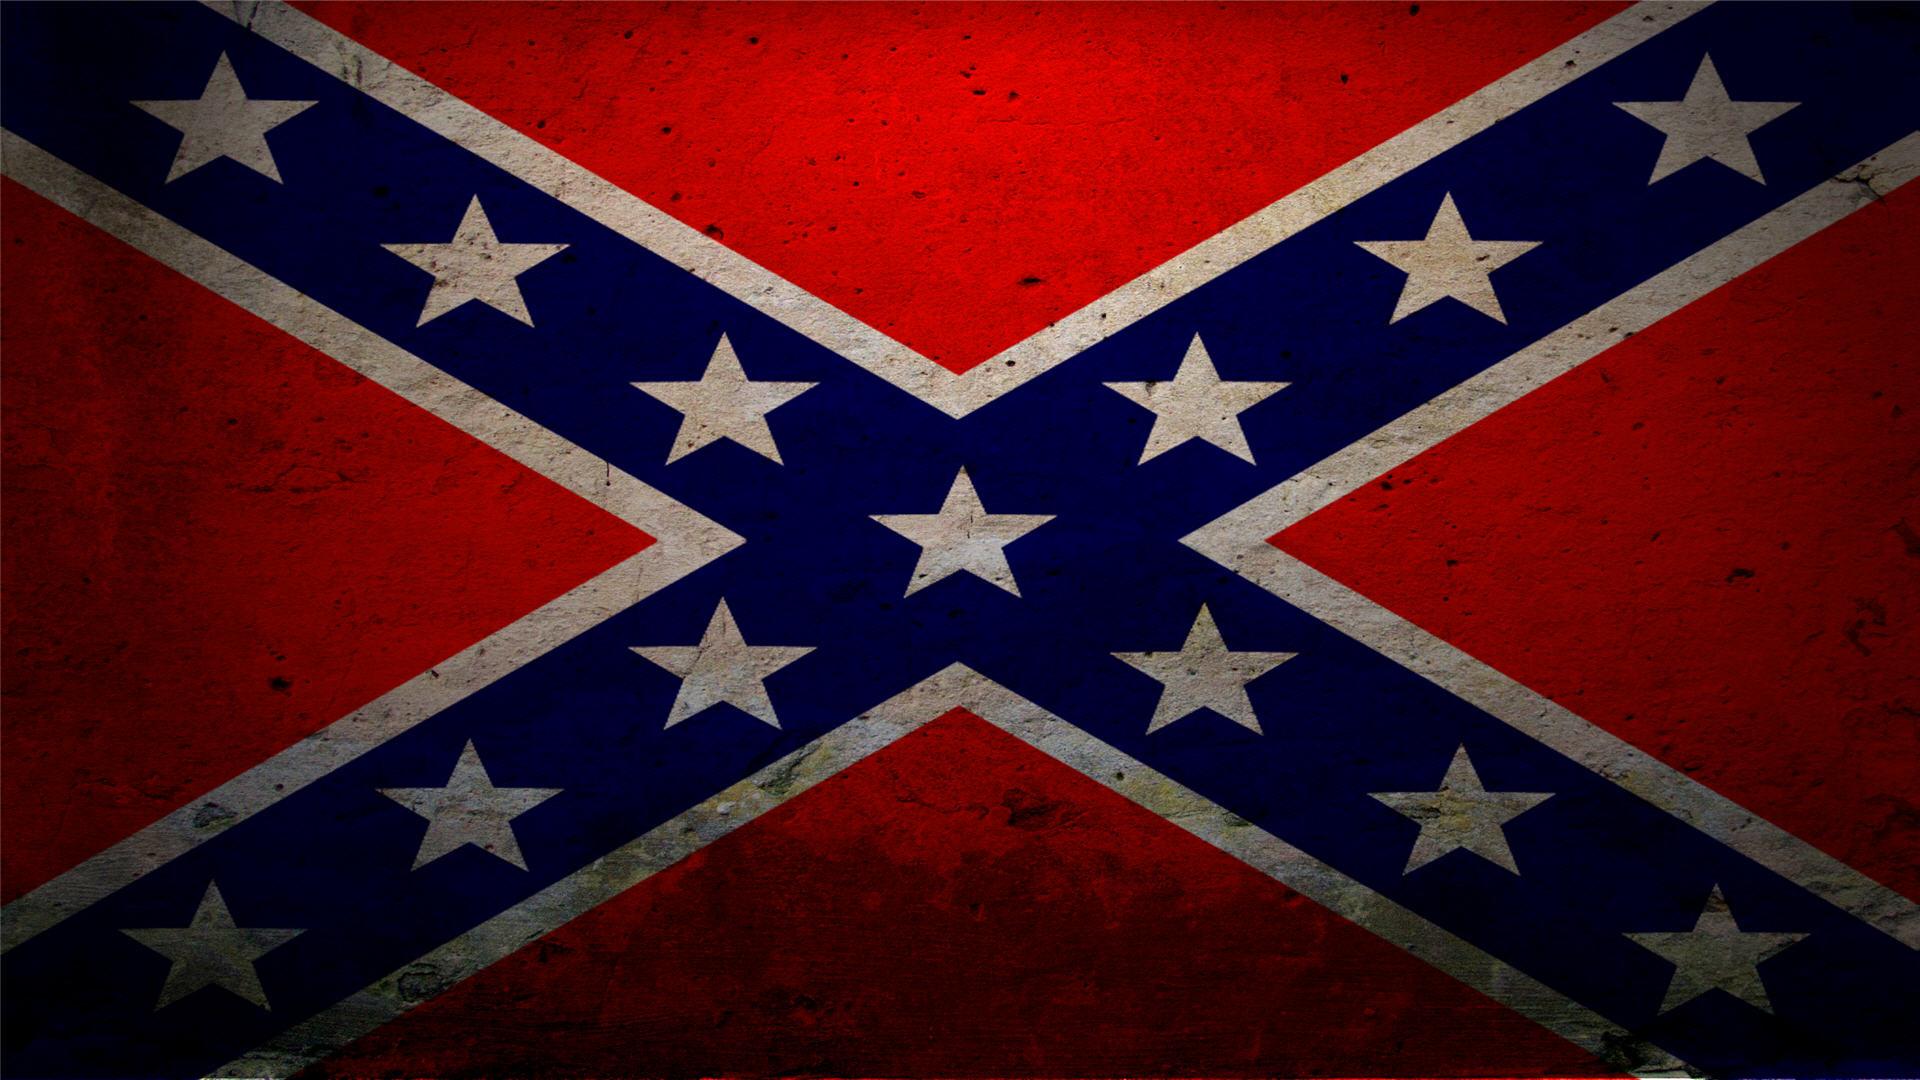 Confederate Flag Wallpaper HD 1920x1080 6323 1920x1080